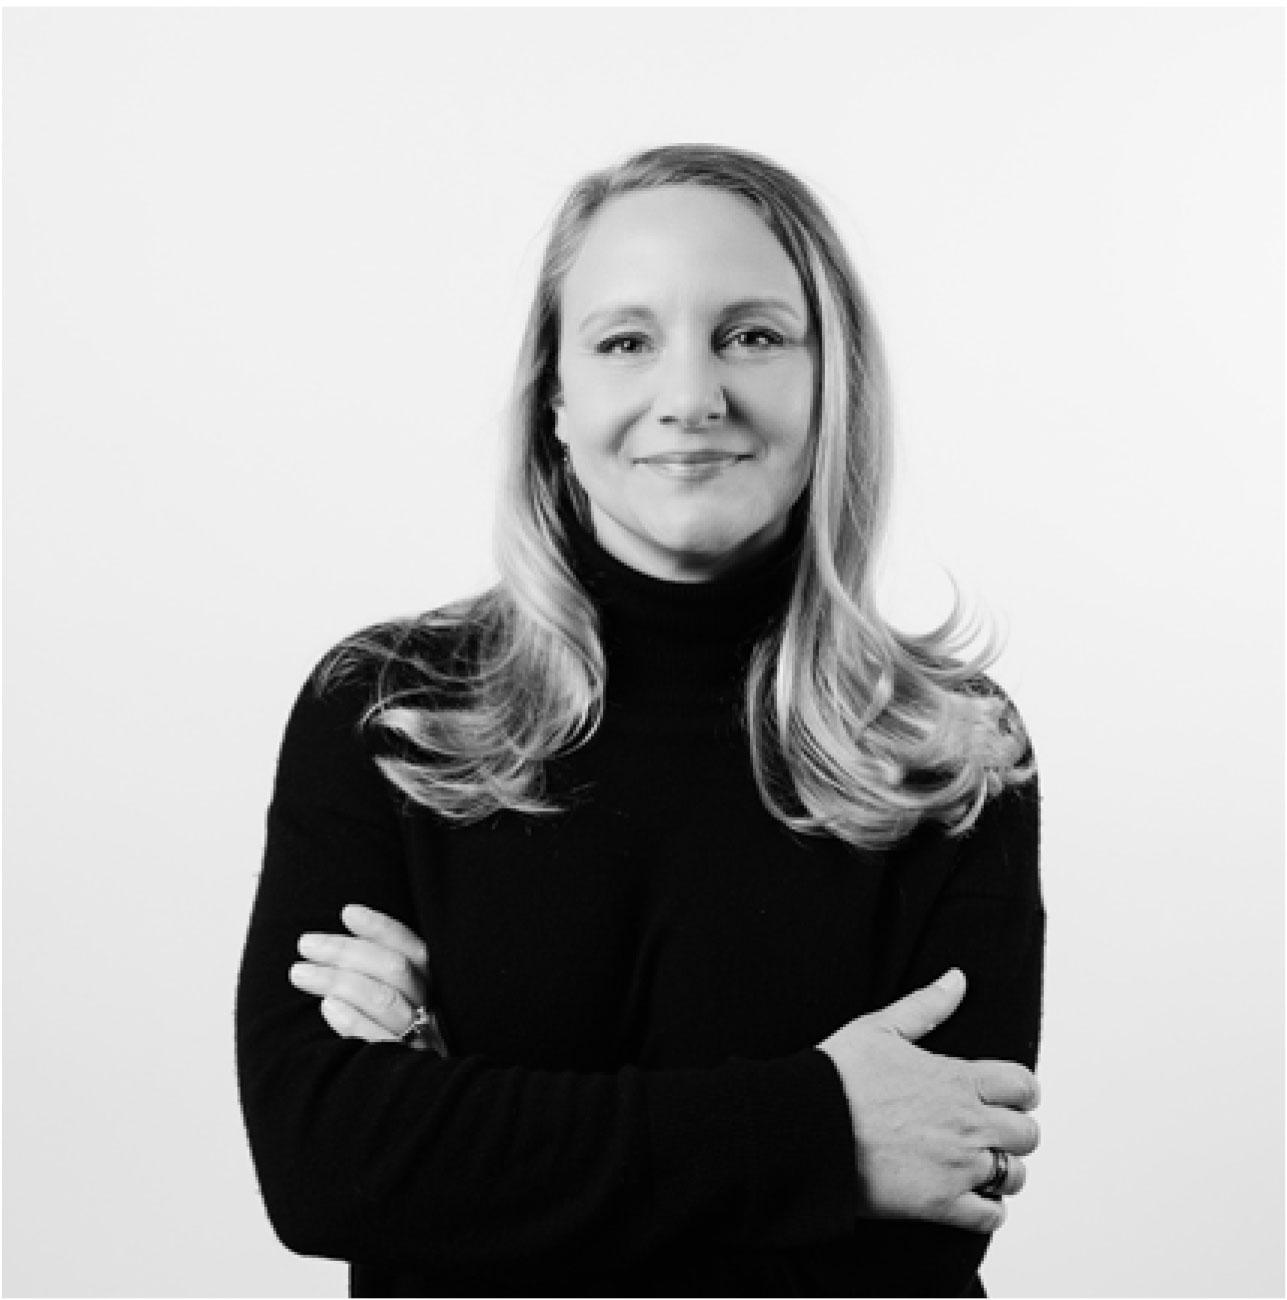 Lisa Bieringer